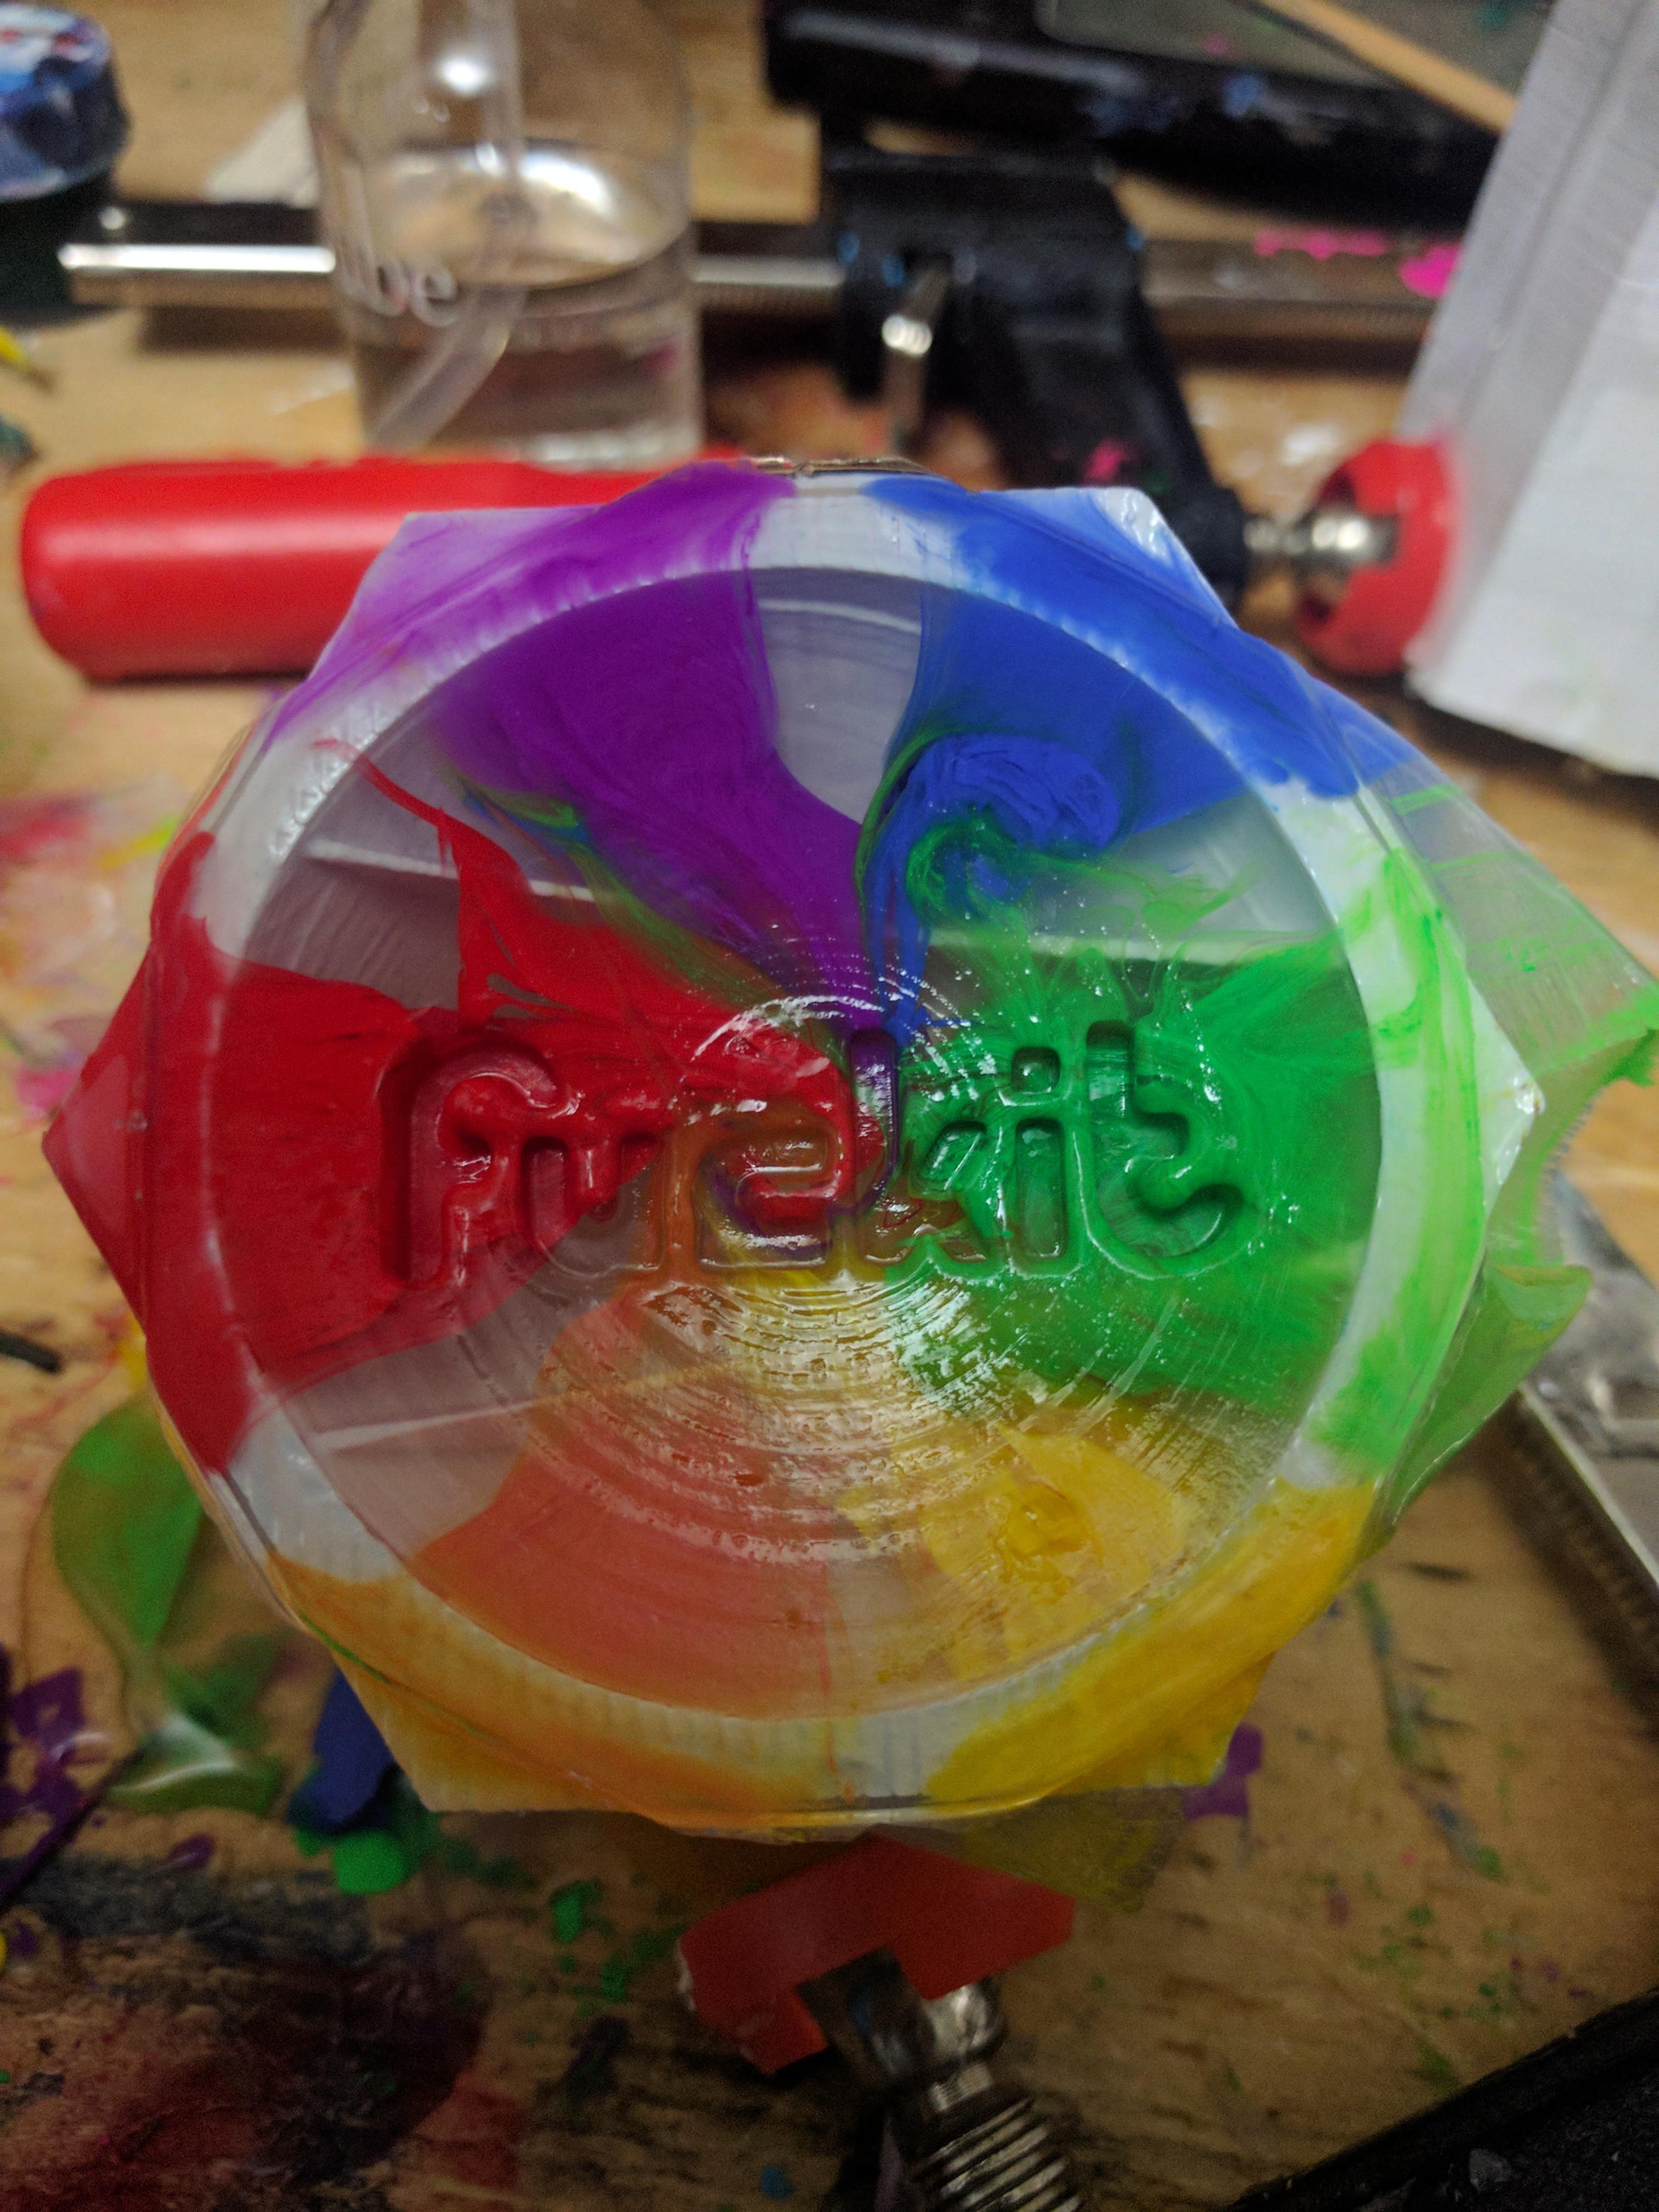 Pinwheel test